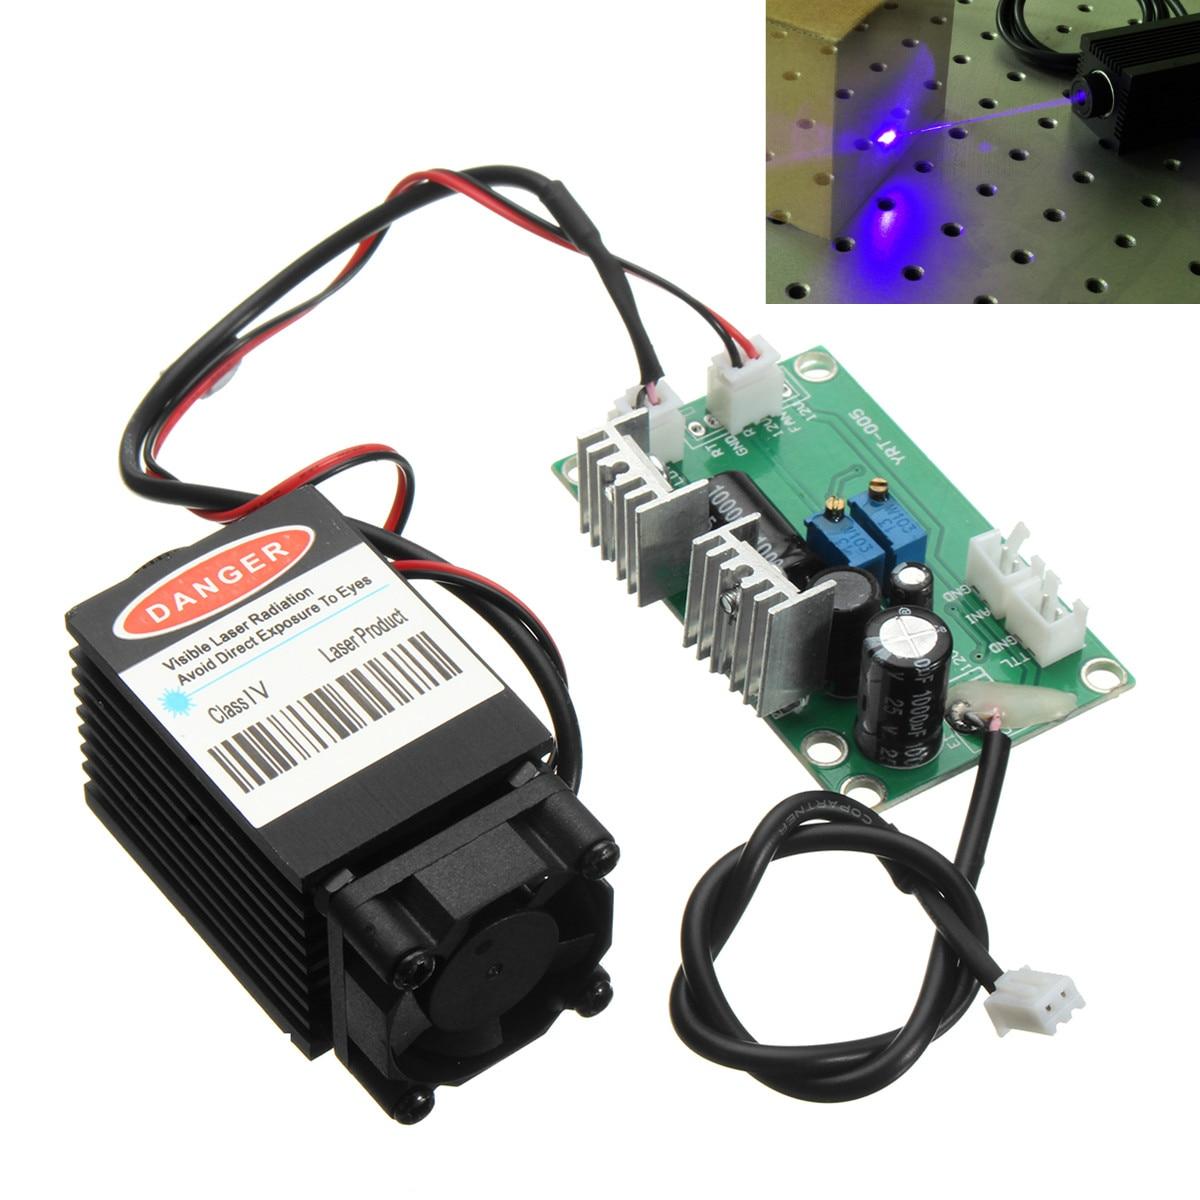 445nm/450nm 1600 мВт фокусировки синий лазерный модуль ttl модуляции 12 В для DIY Лазерный гравировщик с ЧПУ гравировка